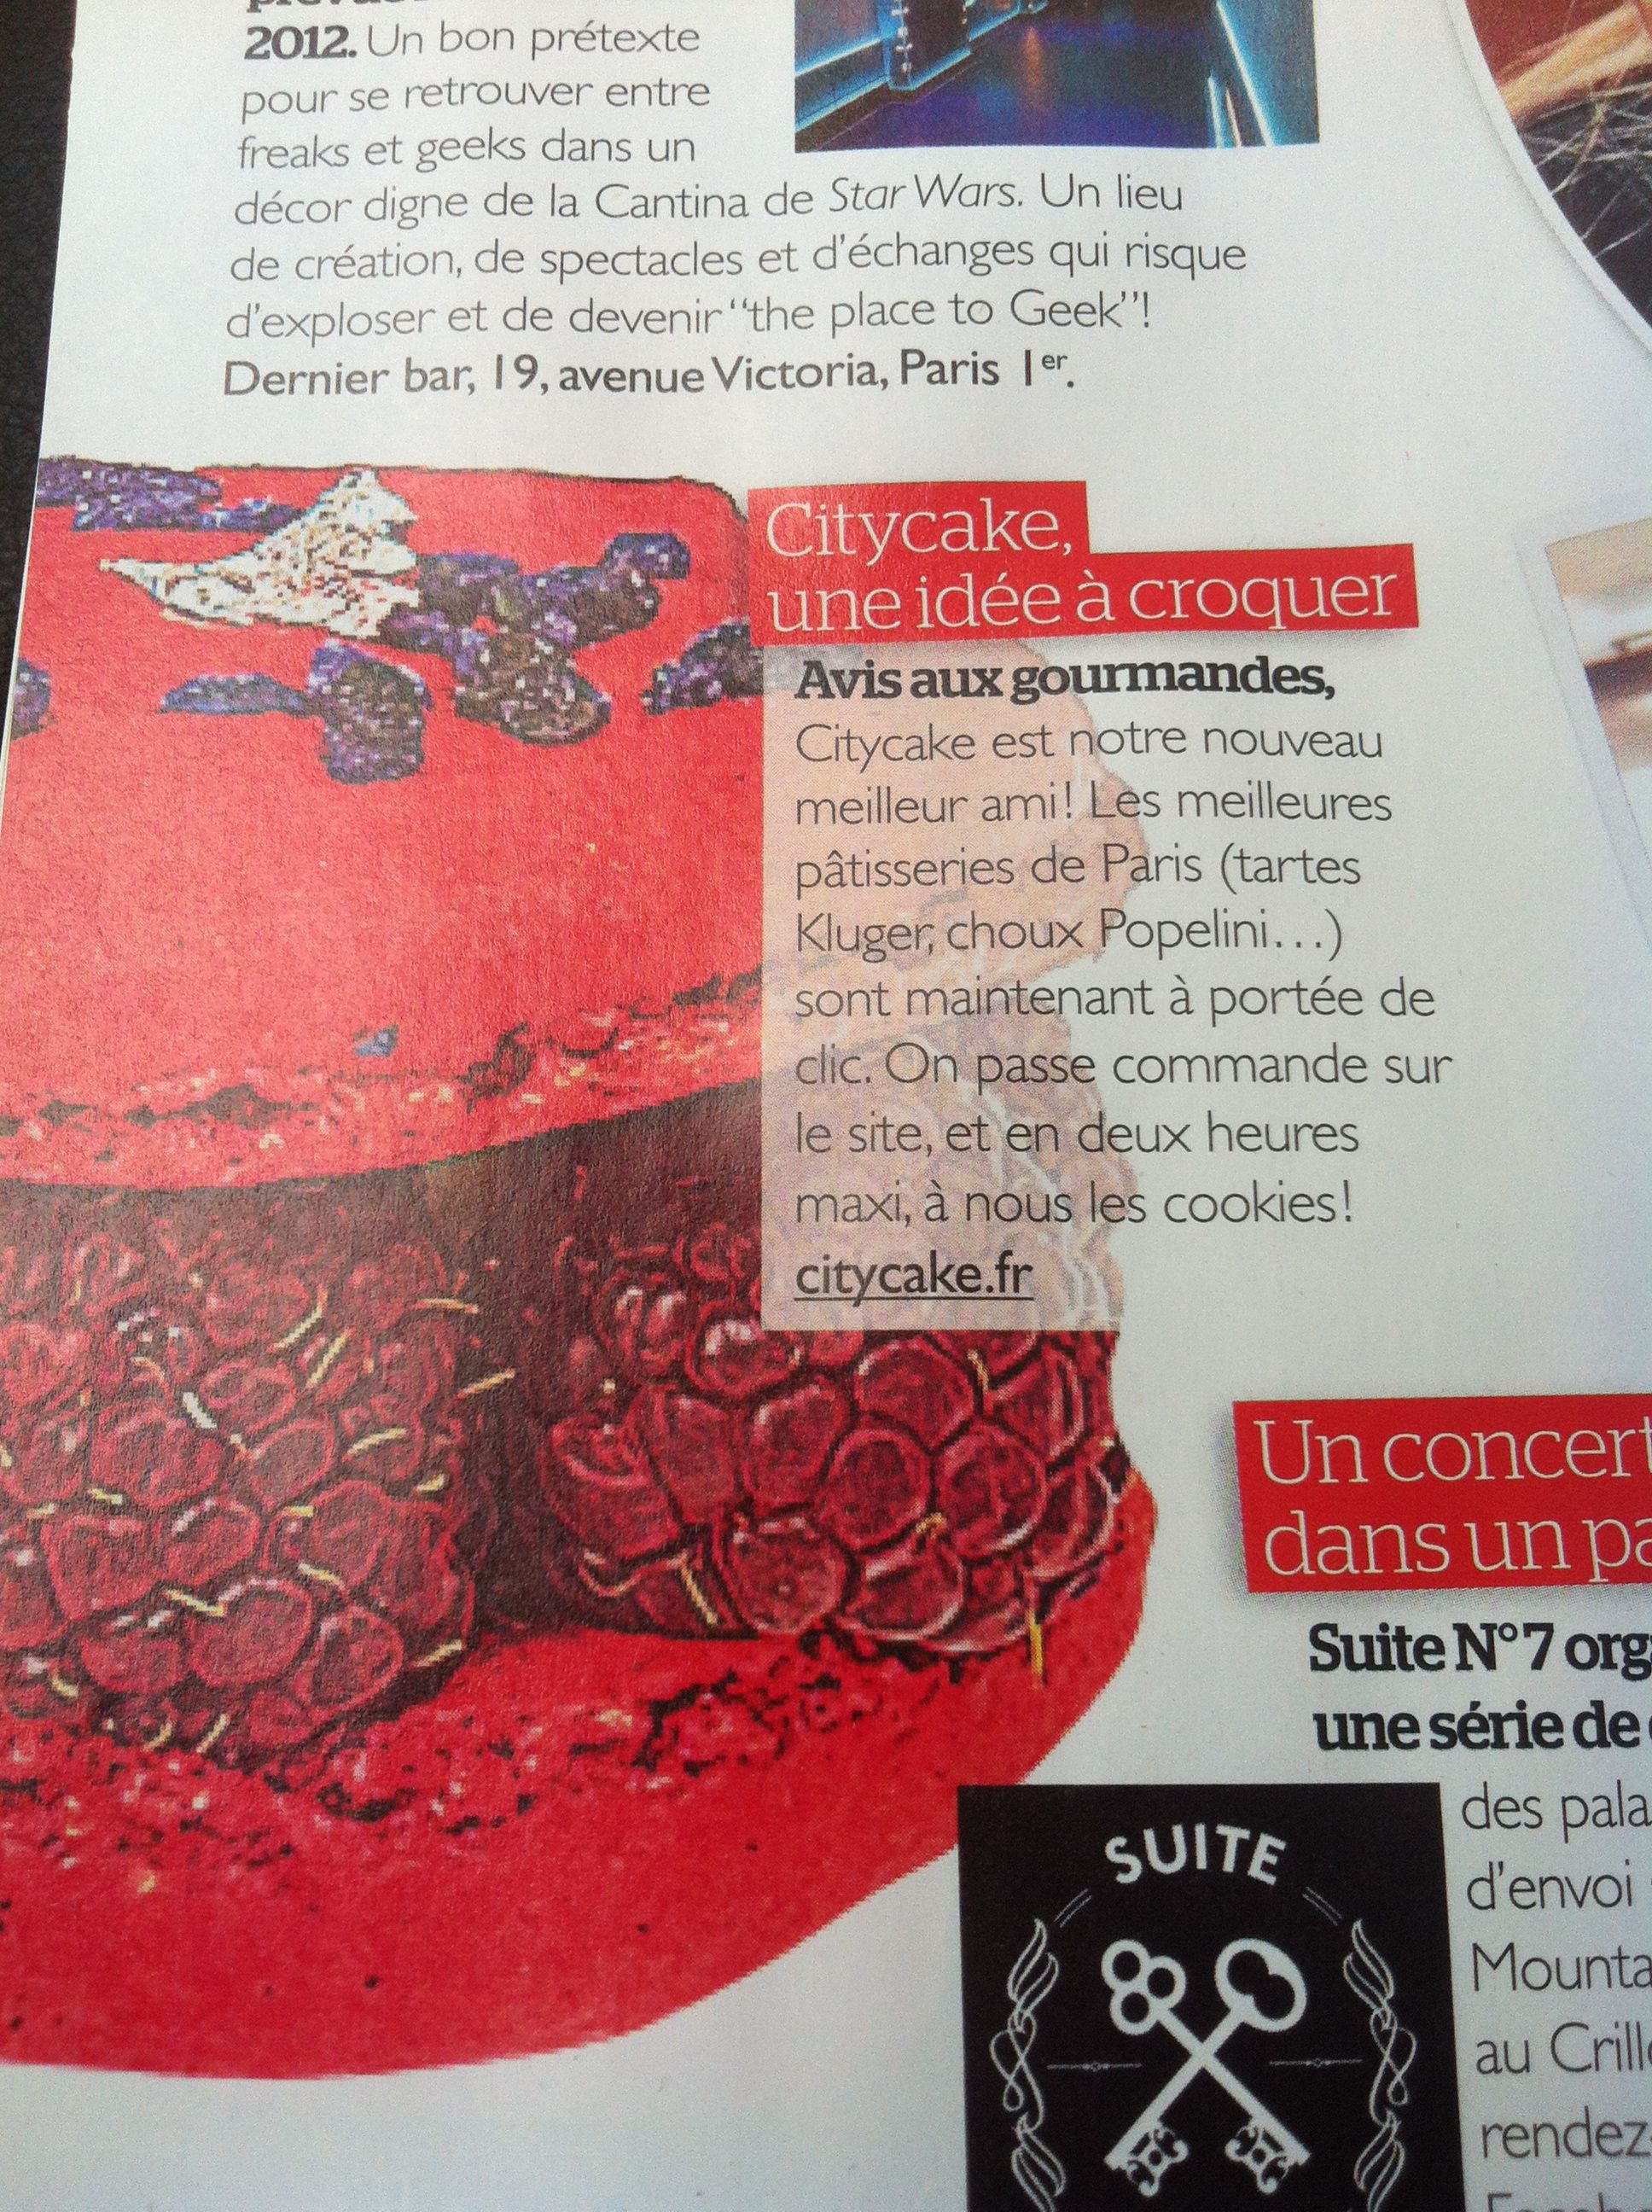 Http://www.citycake.fr on parle de nous ! Le site de livraison des meilleurs pâtisseries de Paris !